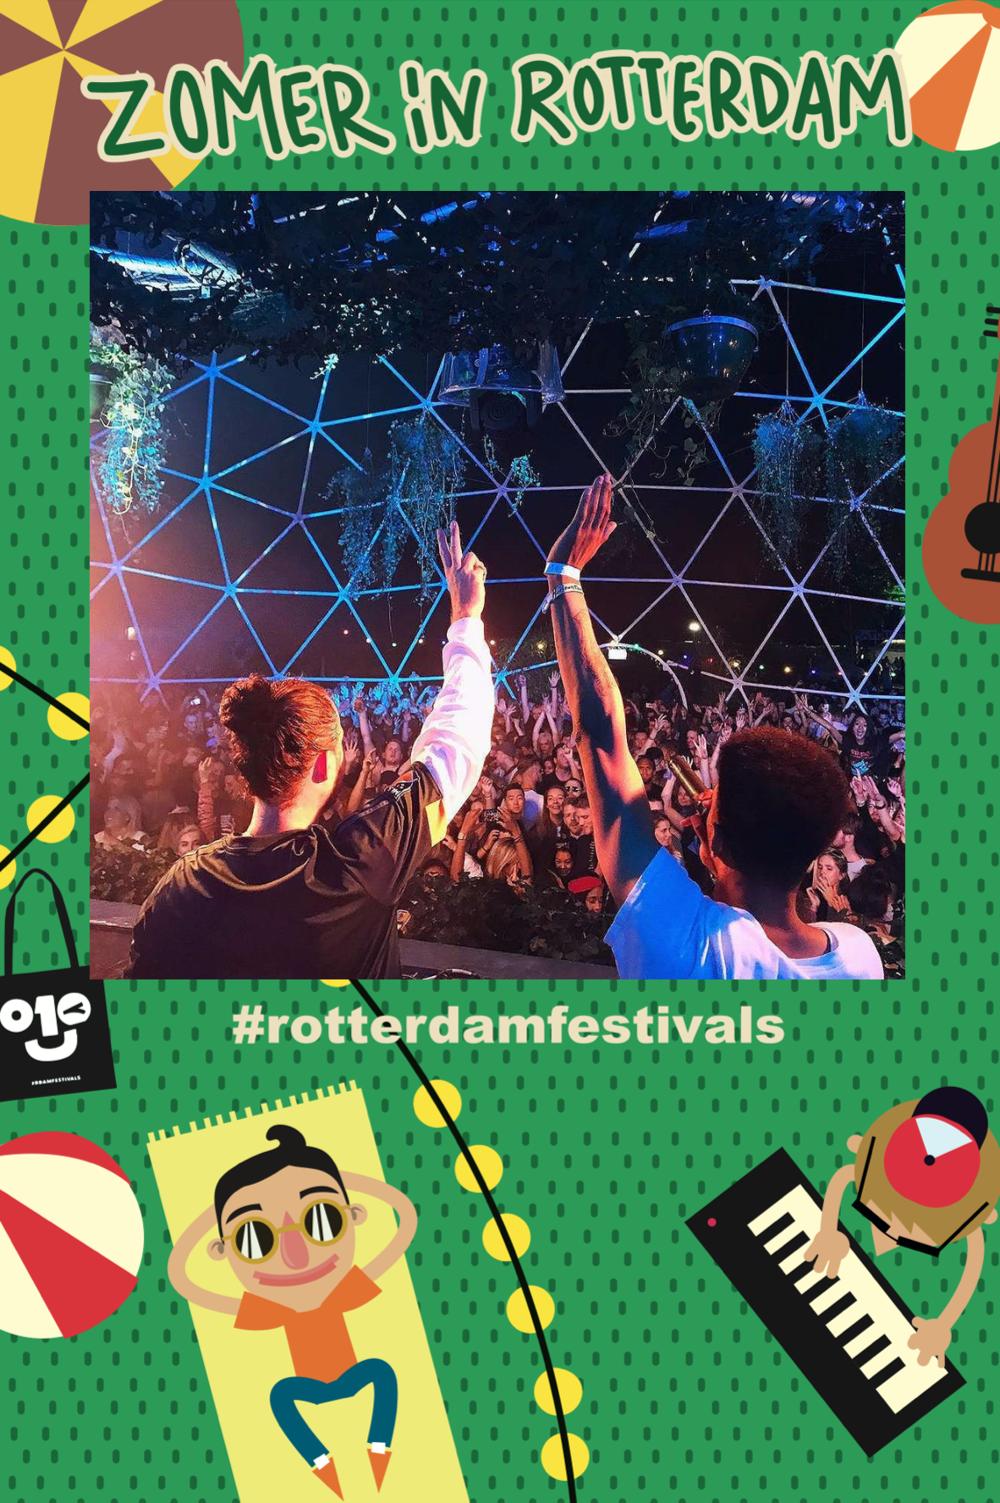 rotterdamfestivals_thehashtagbike2.png